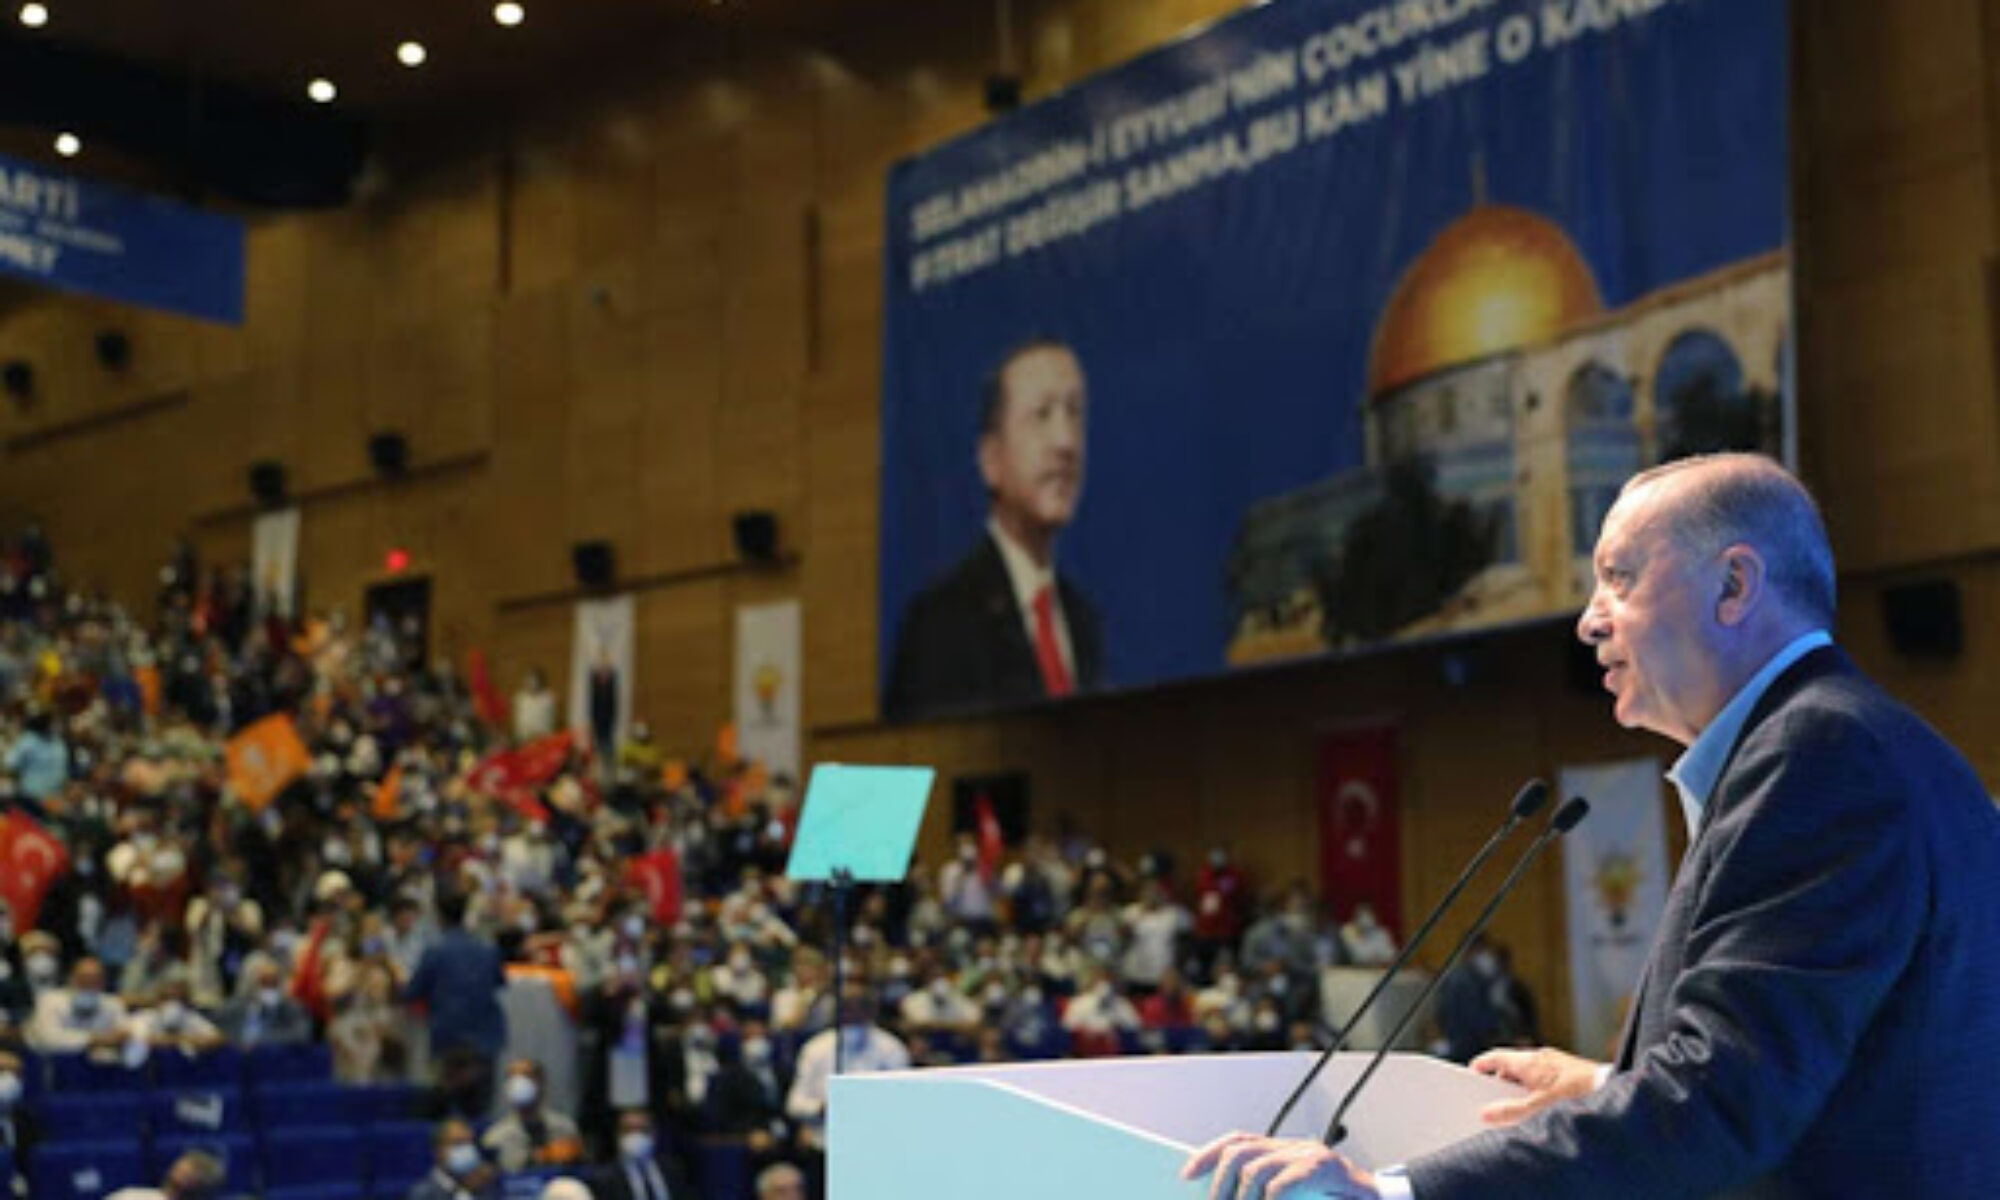 """Erdoğan'ın Diyarbakır'da ki """"çözüm süreci"""" açıklaması için kimler ne söyledi? vahad çoşkun, ebru Günay, Abdurrahman Kurt, Çözüm süreci,"""